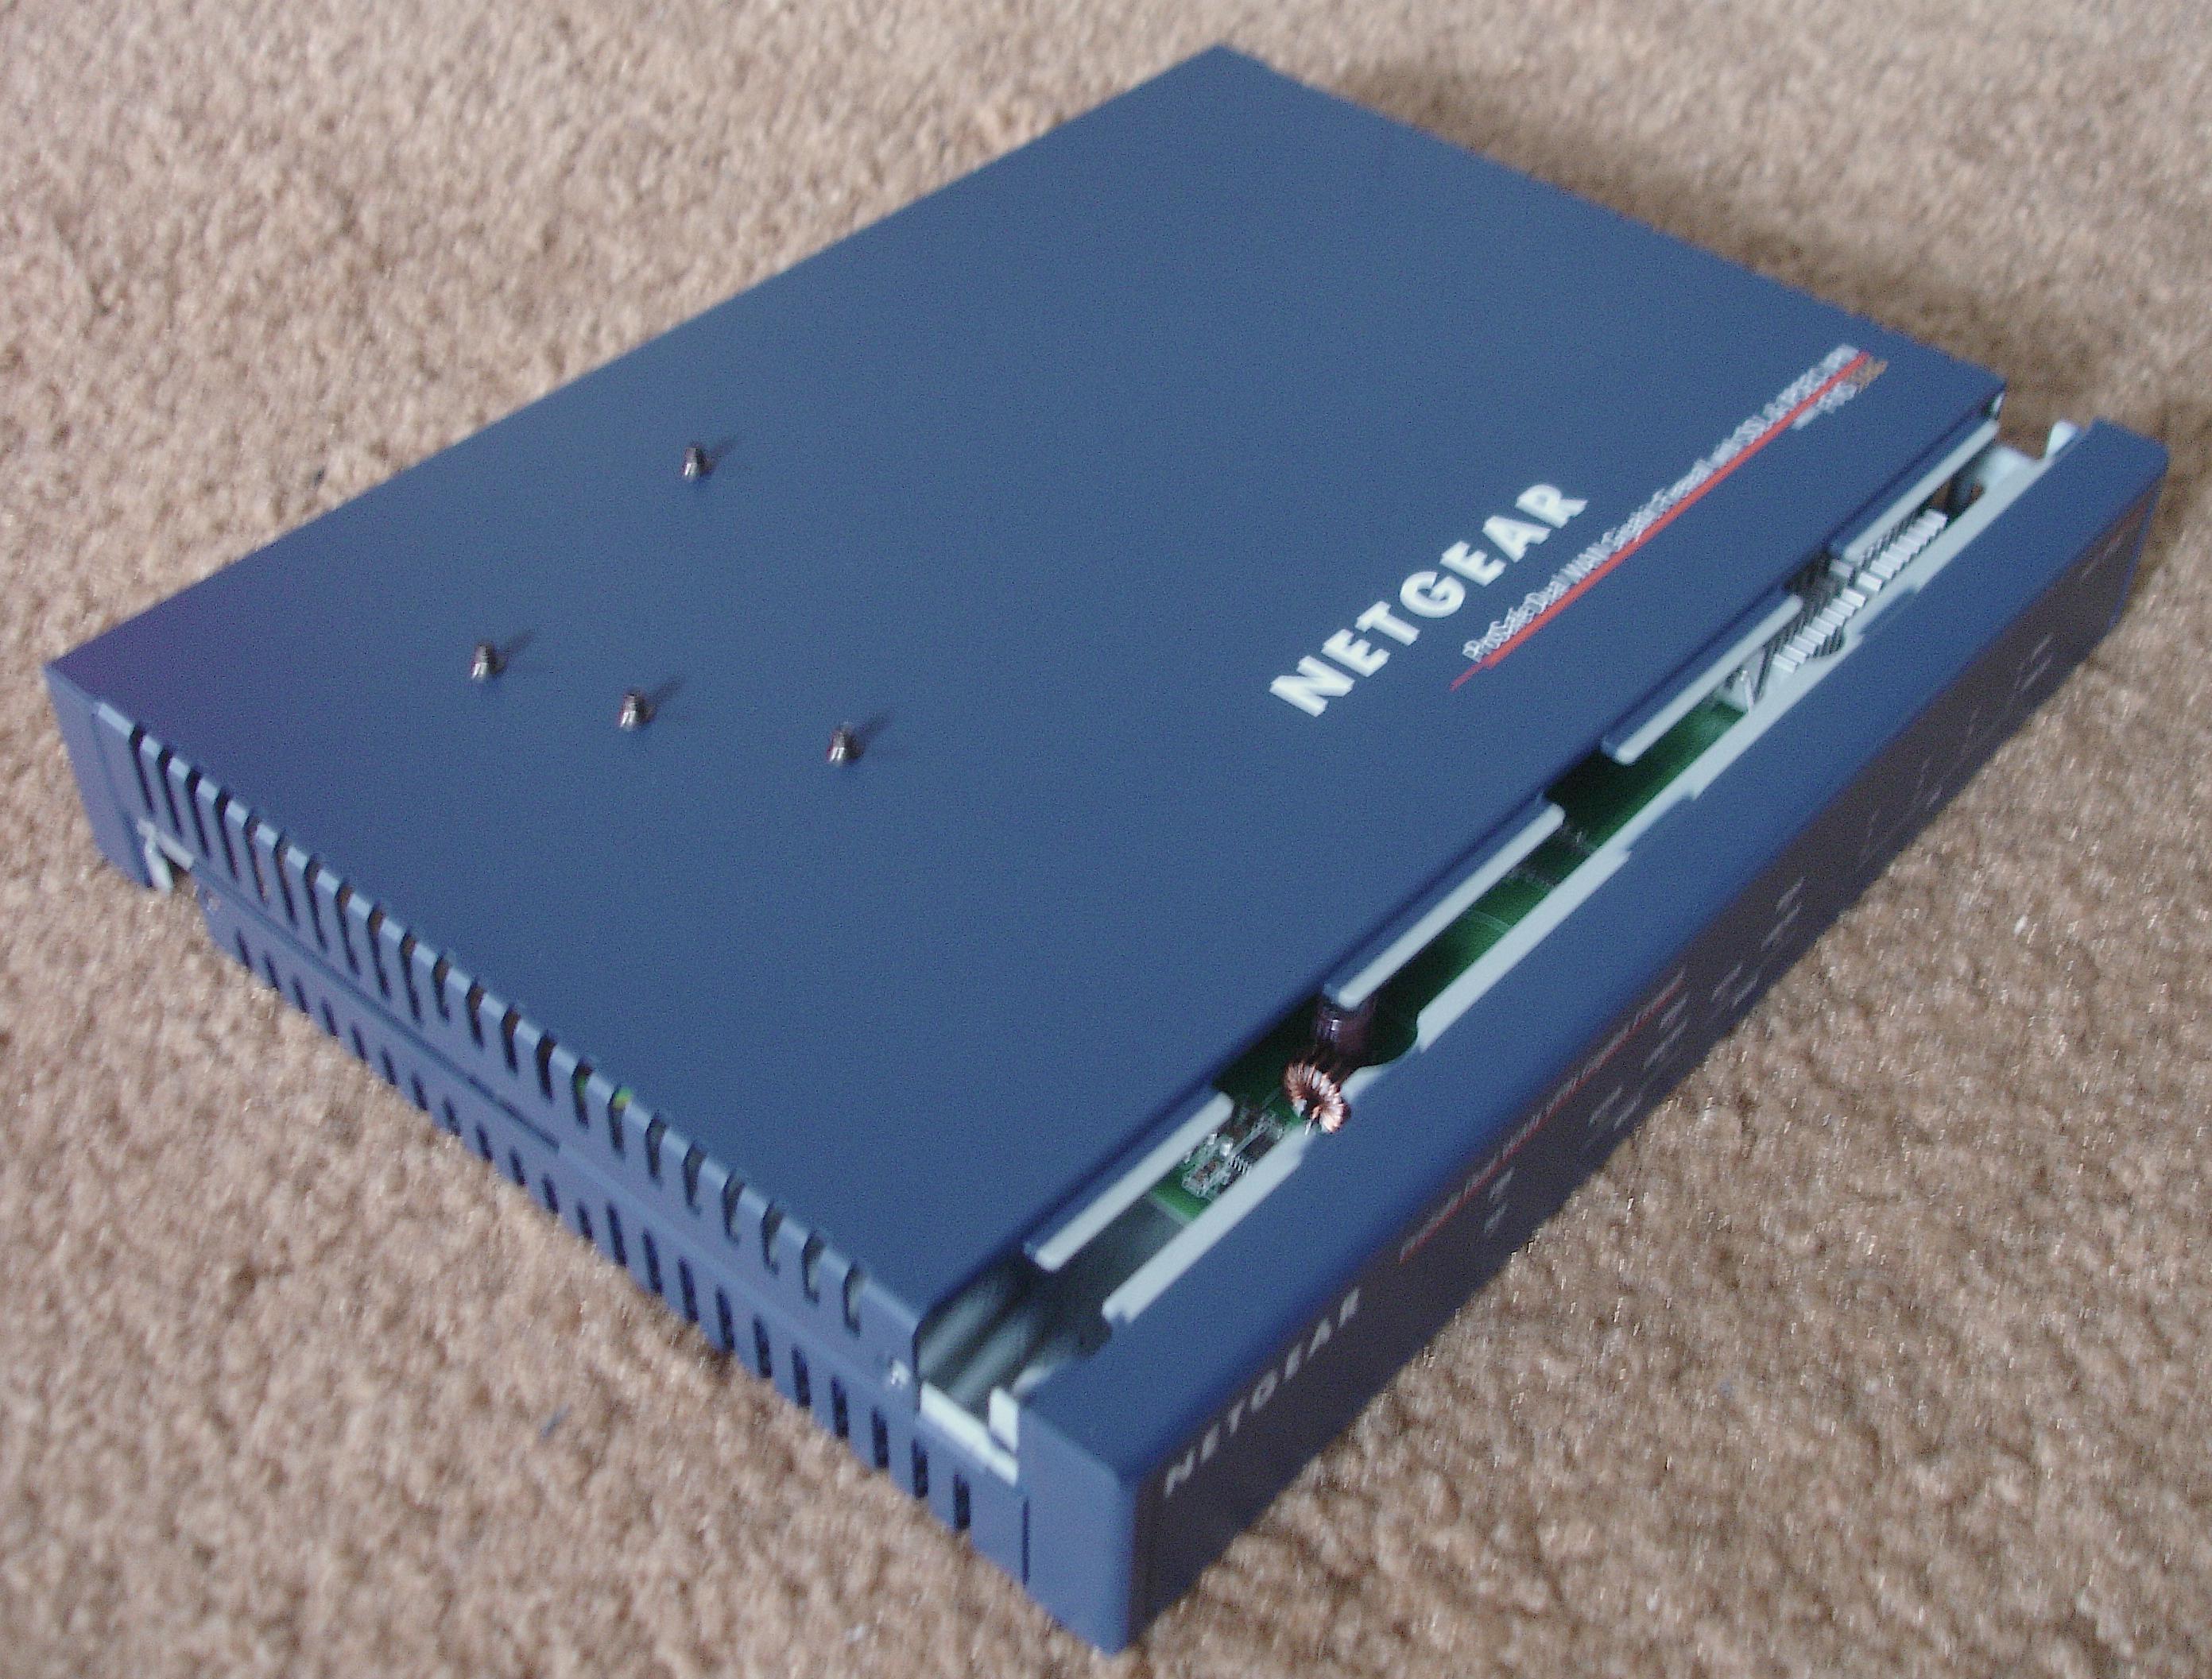 File:Netgear ProSafe Dual WAN VPN Gigabit Firewall FVS336G